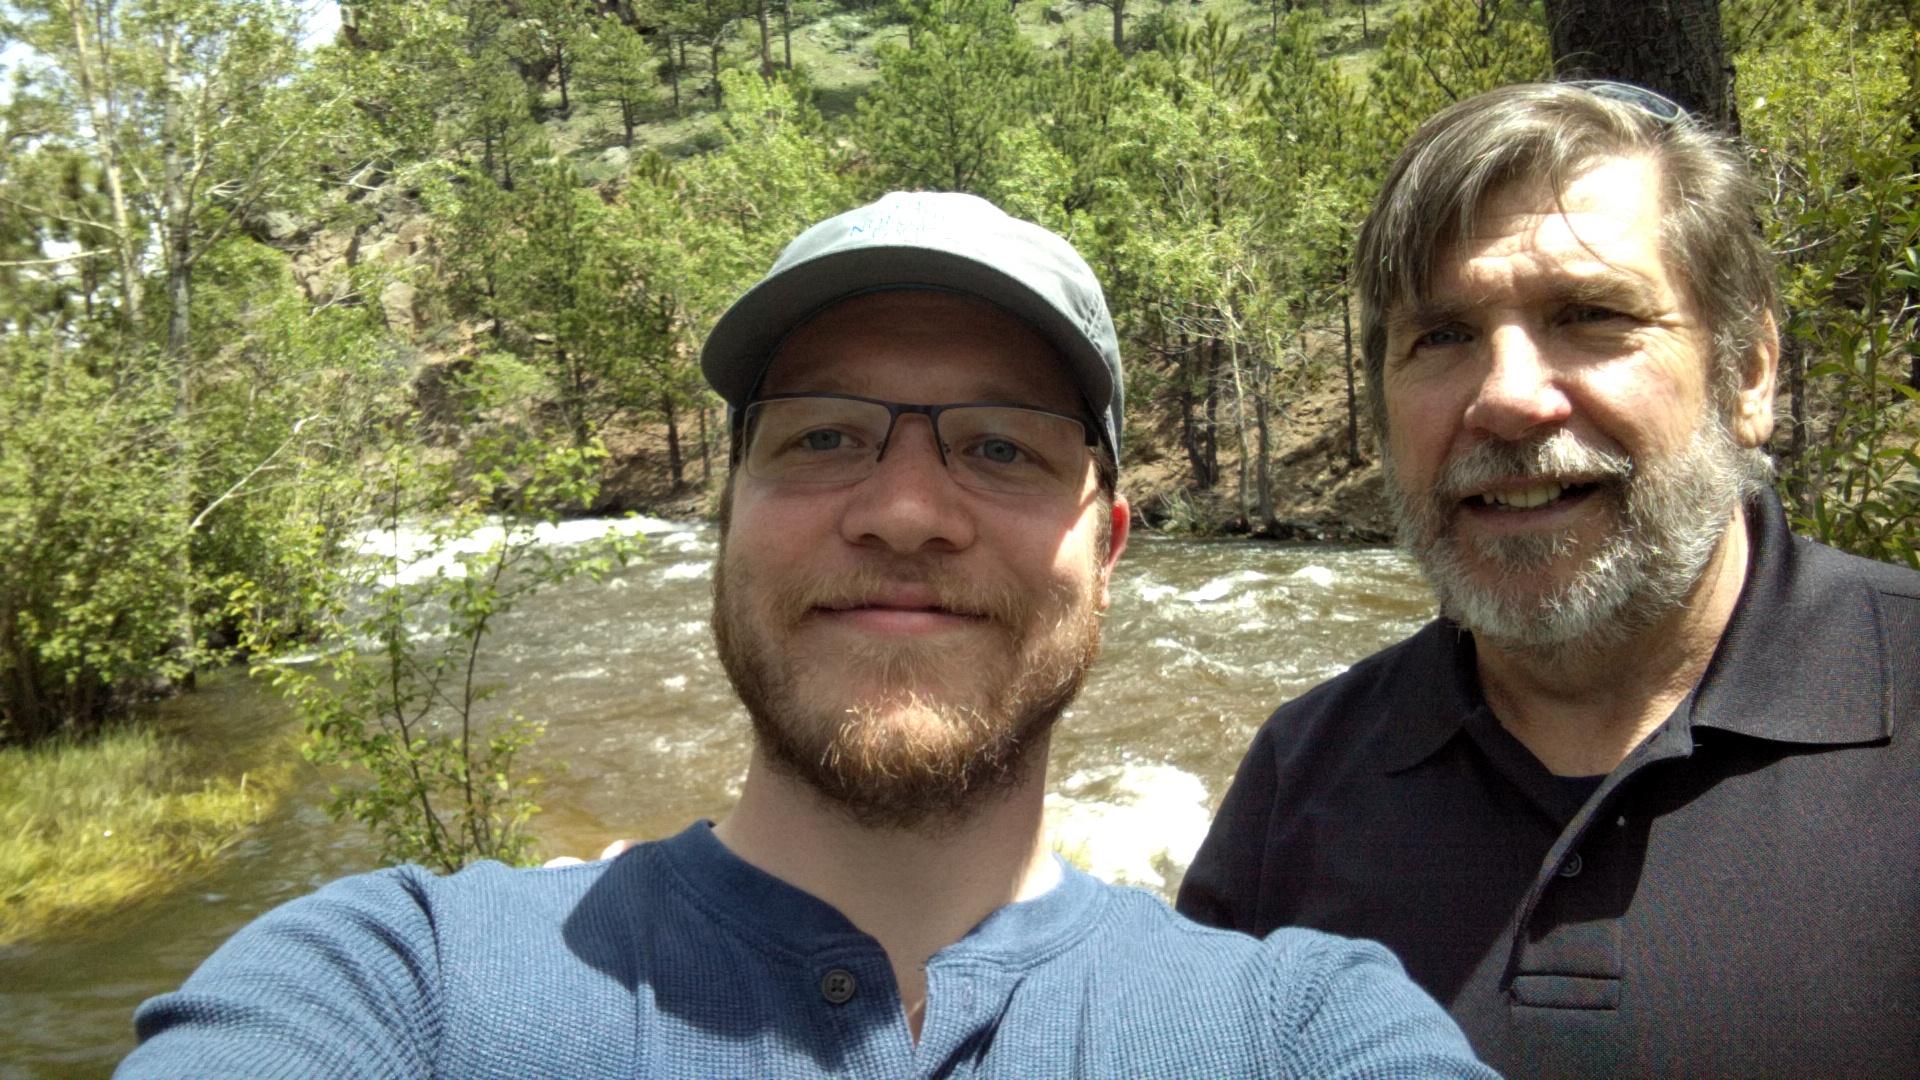 With my dad in Estes Park.